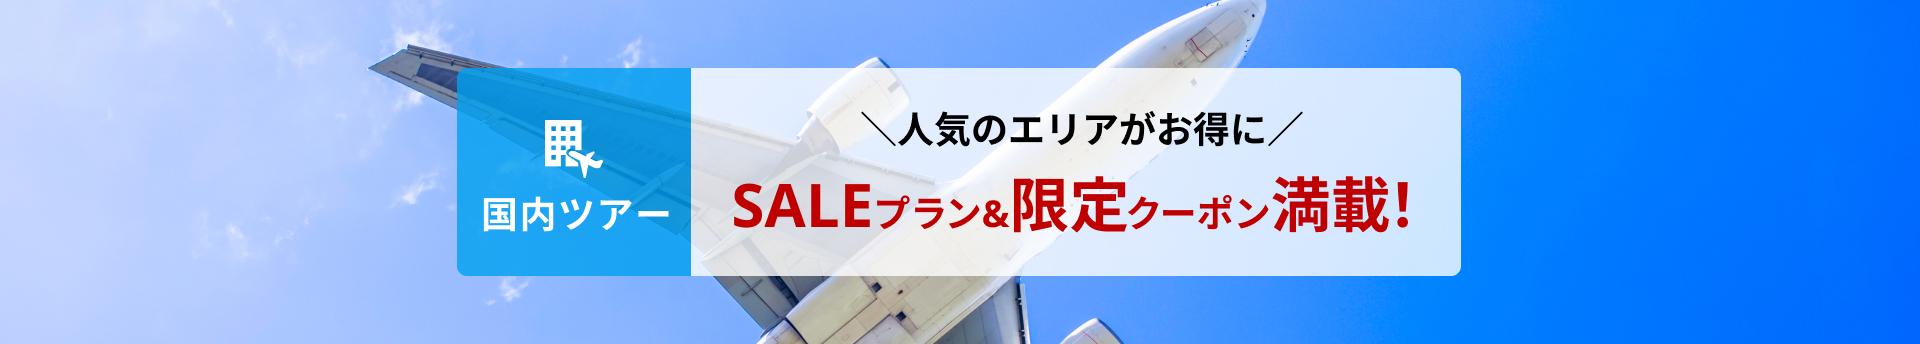 国内ツ202107/アー(航空券+宿)